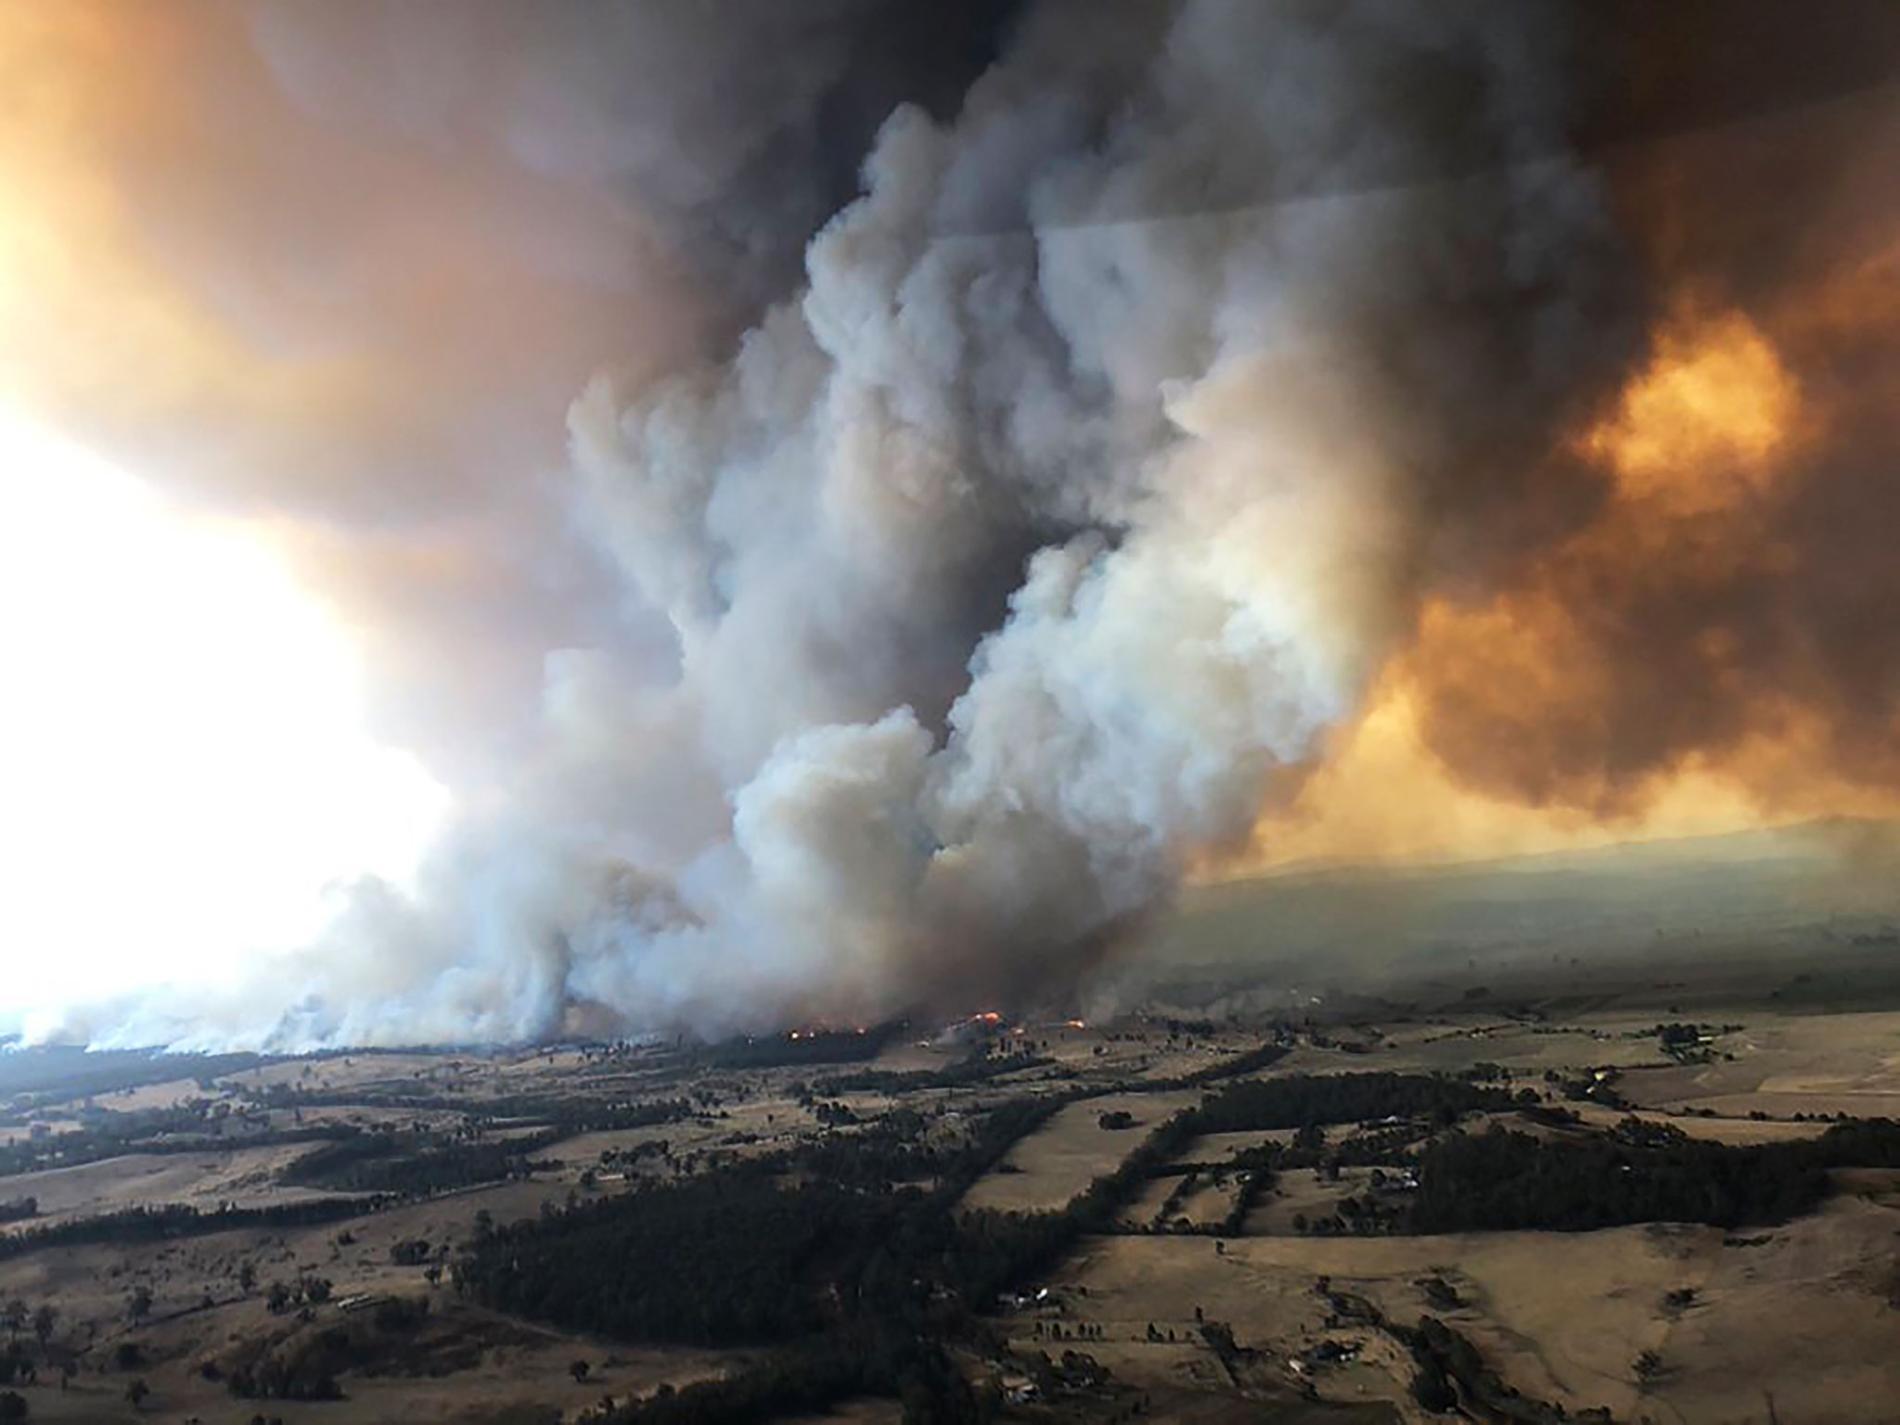 2019年12月30日,煙霧捲流下野火在澳洲拜恩斯戴爾(Bairnsdale)肆虐,數千名旅客在情況惡化之前從澳洲慘遭野火蹂躪的東部海岸逃離。PHOTOGRAPH BY GLEN MOREY, AP